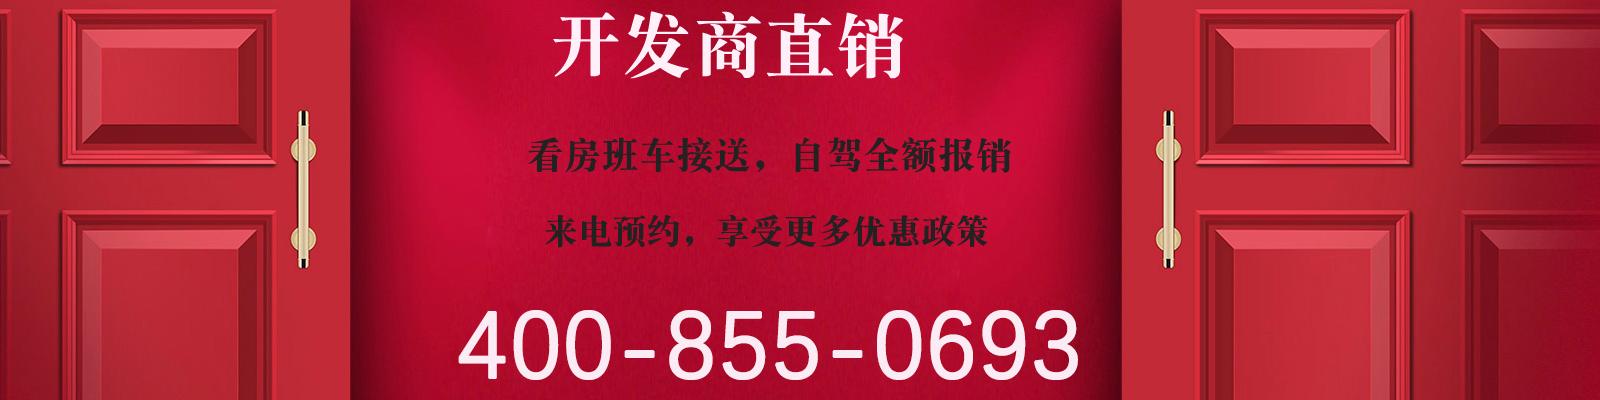 上海开亚置业有限公司